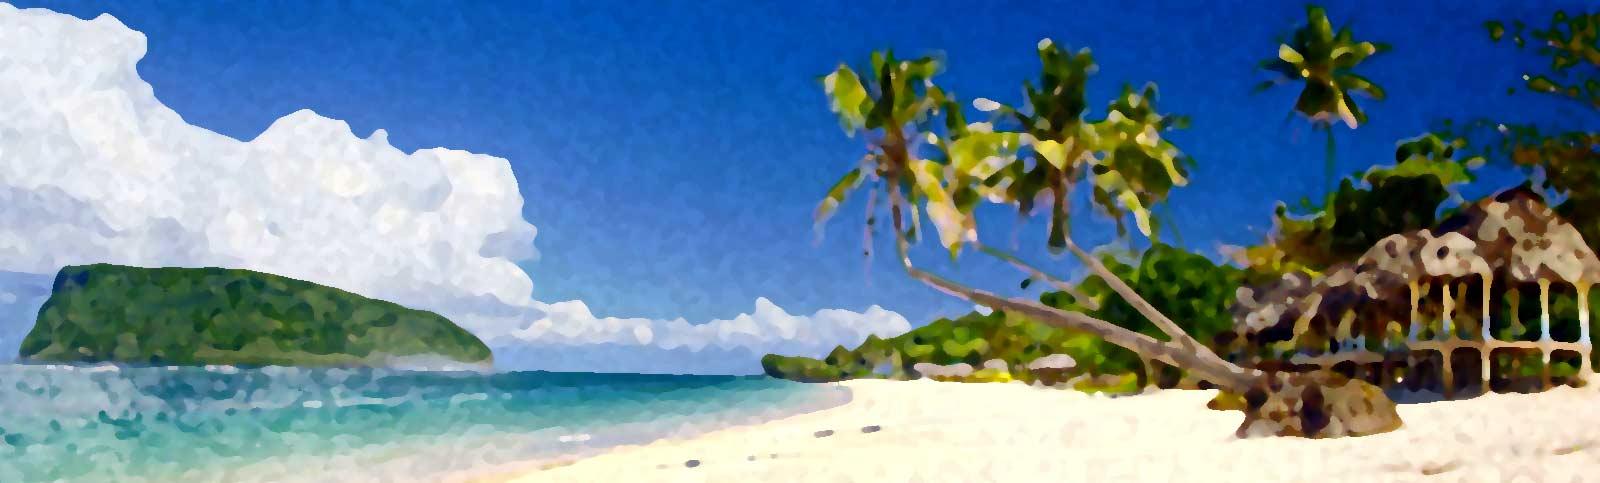 5 Unmissable Samoa Attractions